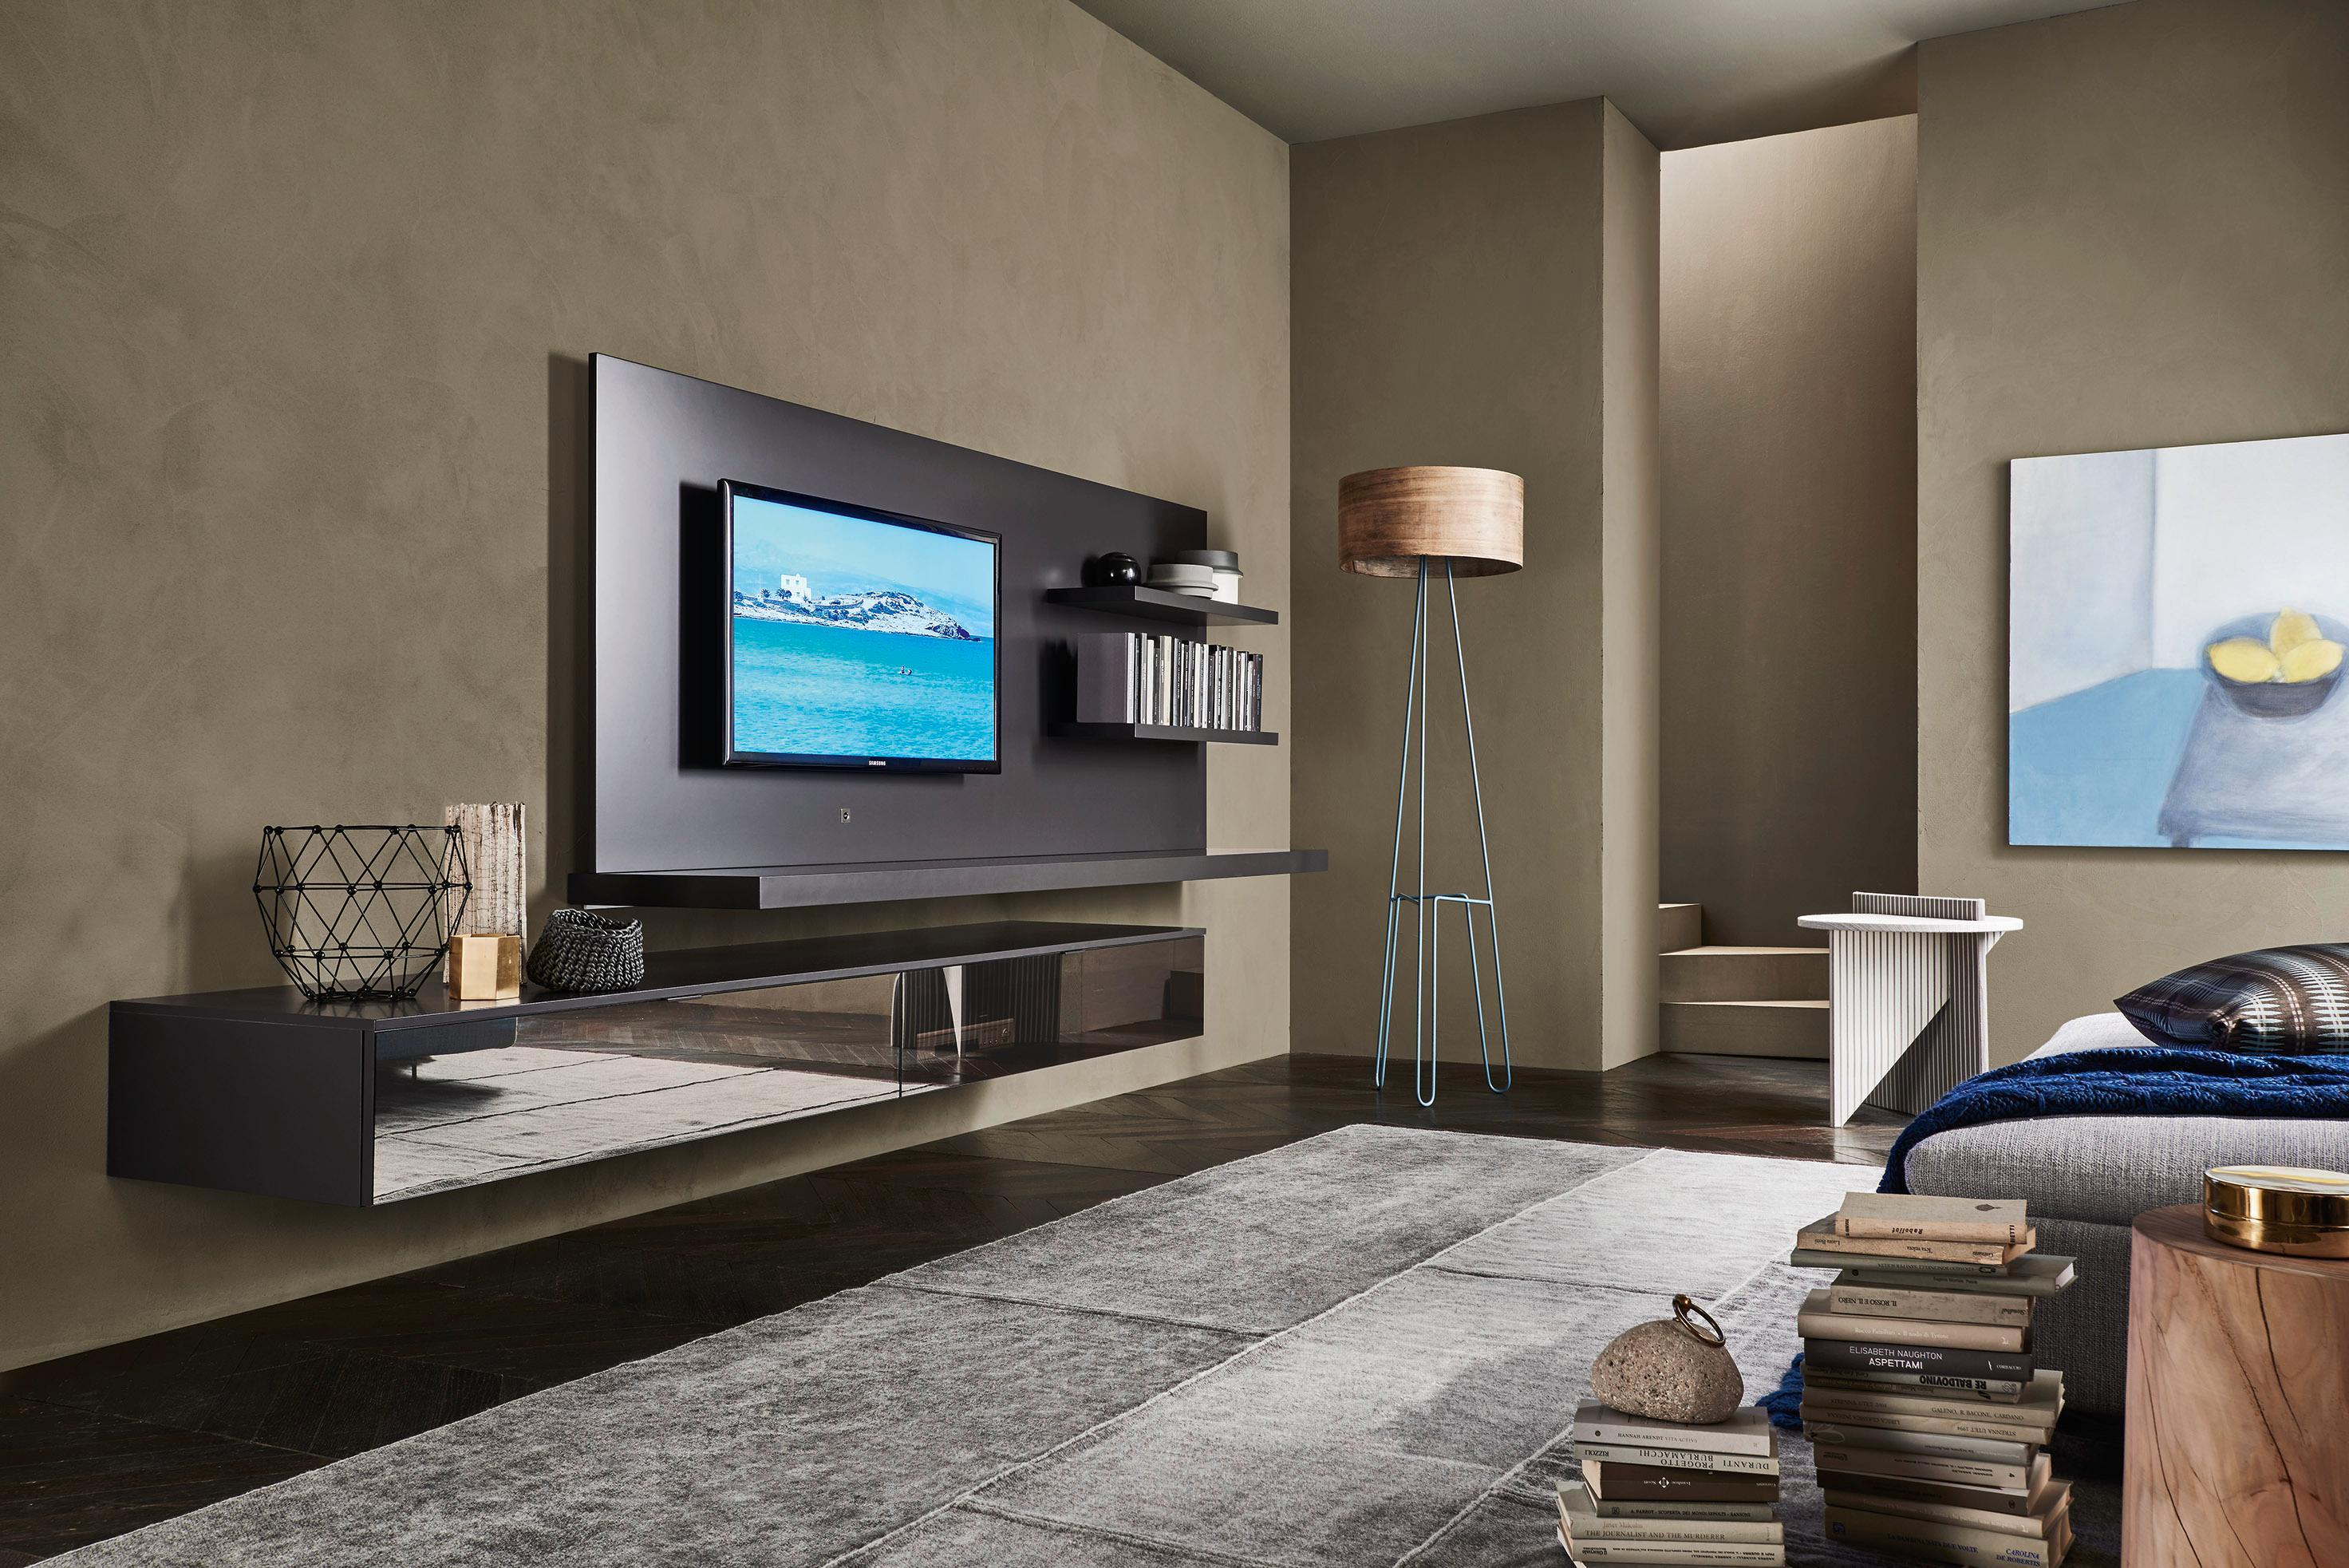 Livitalia Design Wohnwand C54 #wohnzimmer #tvmöbel #wohnzimmerwand #wohnwand  ©Livarea.de